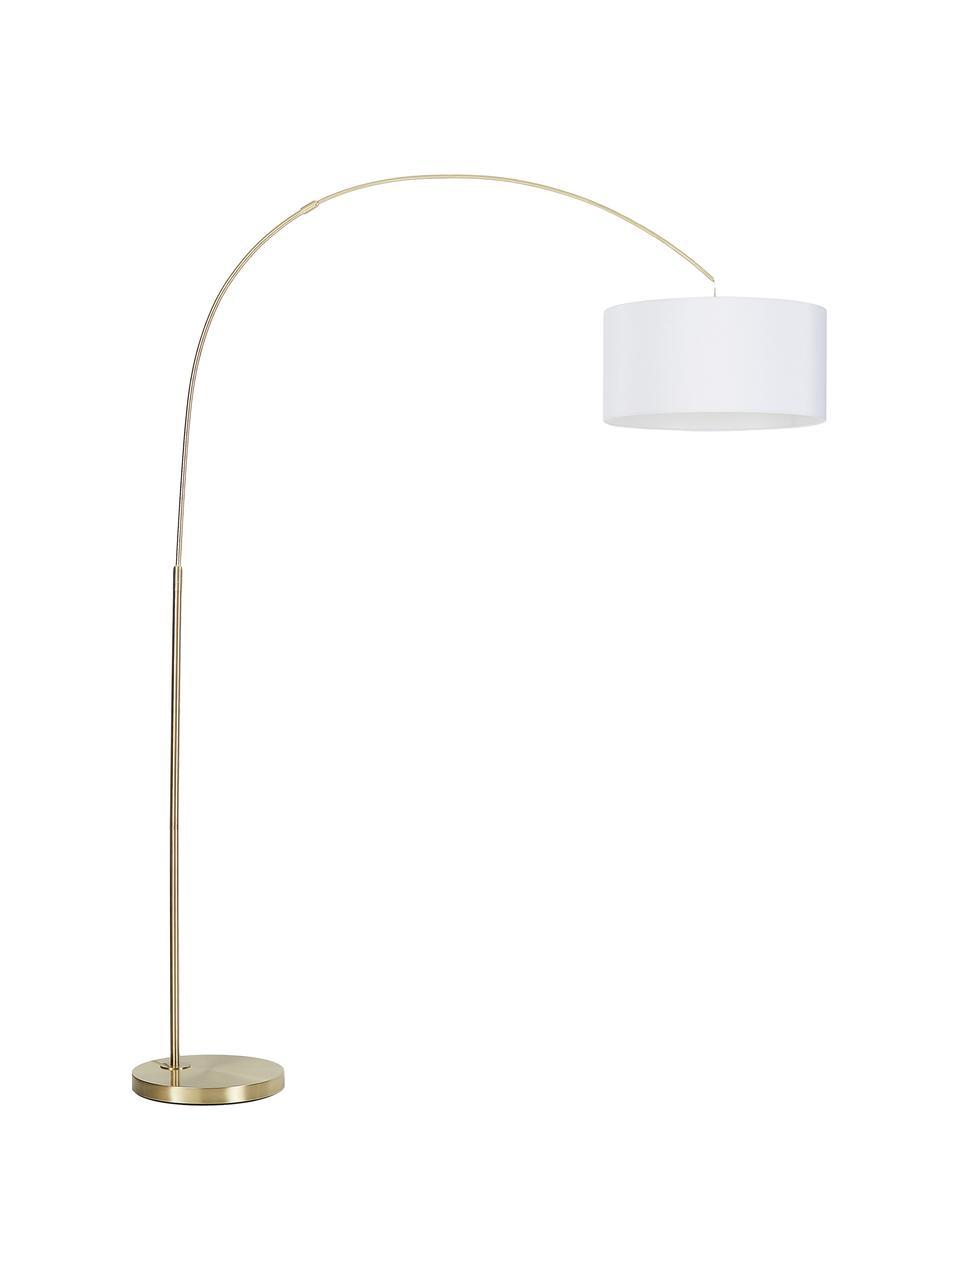 Lampada ad arco moderna Niels, Paralume: miscela di cotone, Base della lampada: metallo spazzolato, Paralume: bianco Base della lampada: ottonato Cavo: trasparente, Larg. 157 x Alt. 218 cm